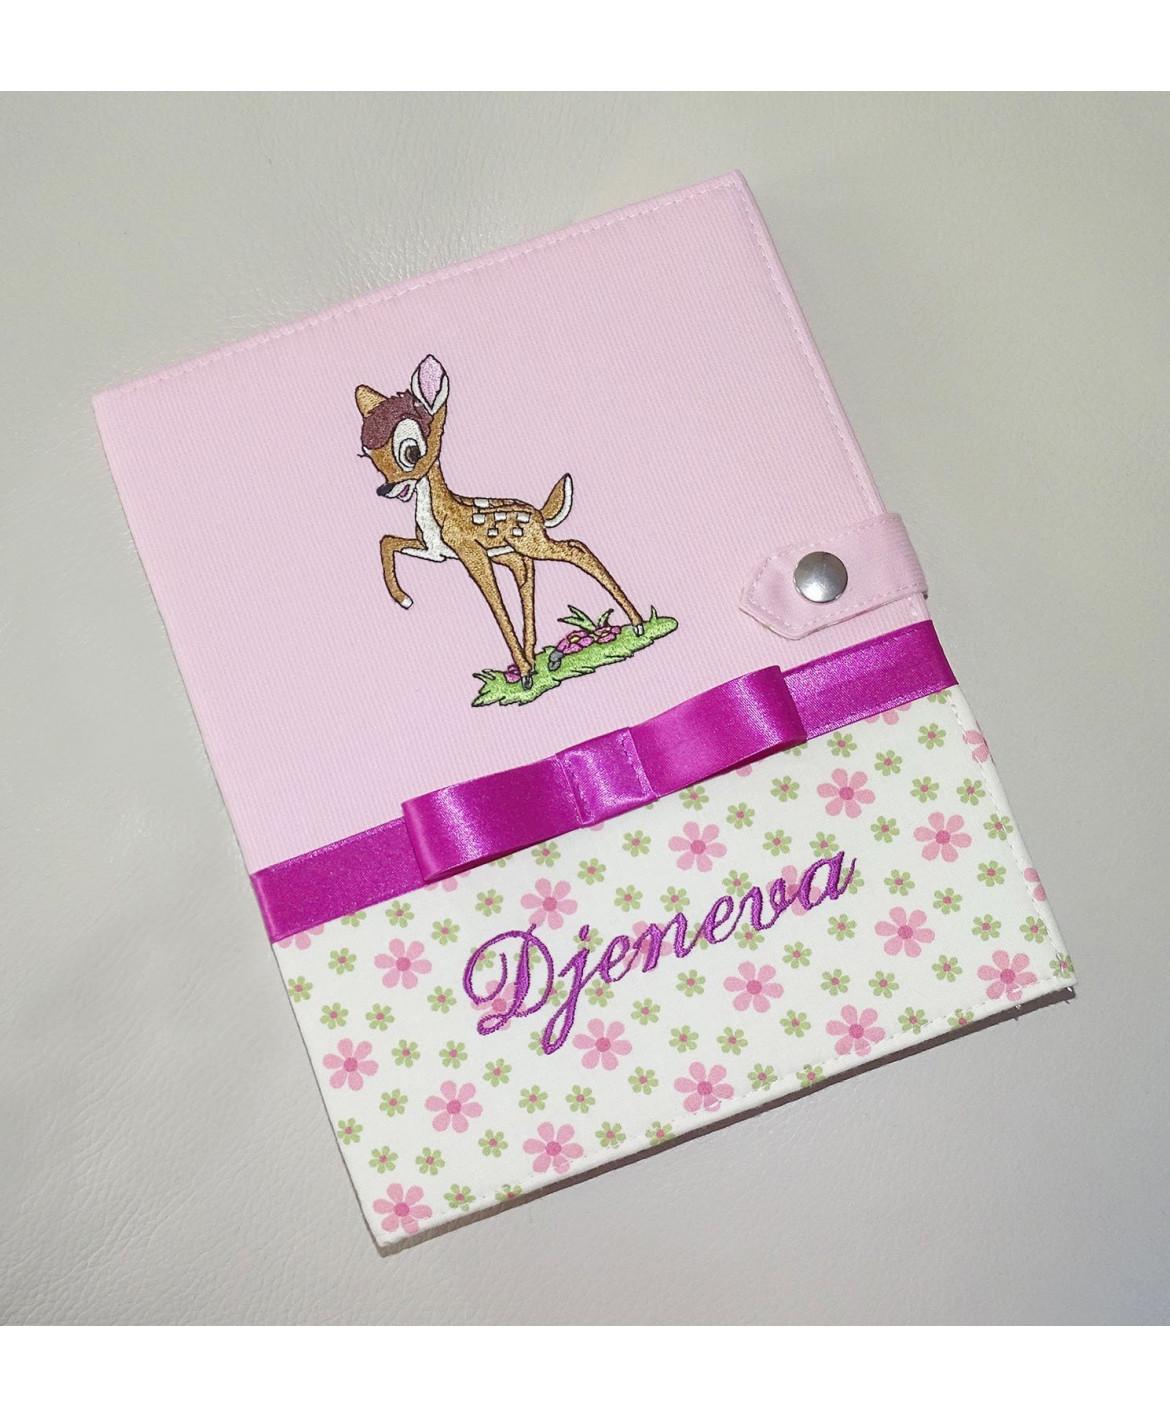 Protège carnet de santé bambi fille rigide personnalisé - Cadeau de naissance personnalisé - faon